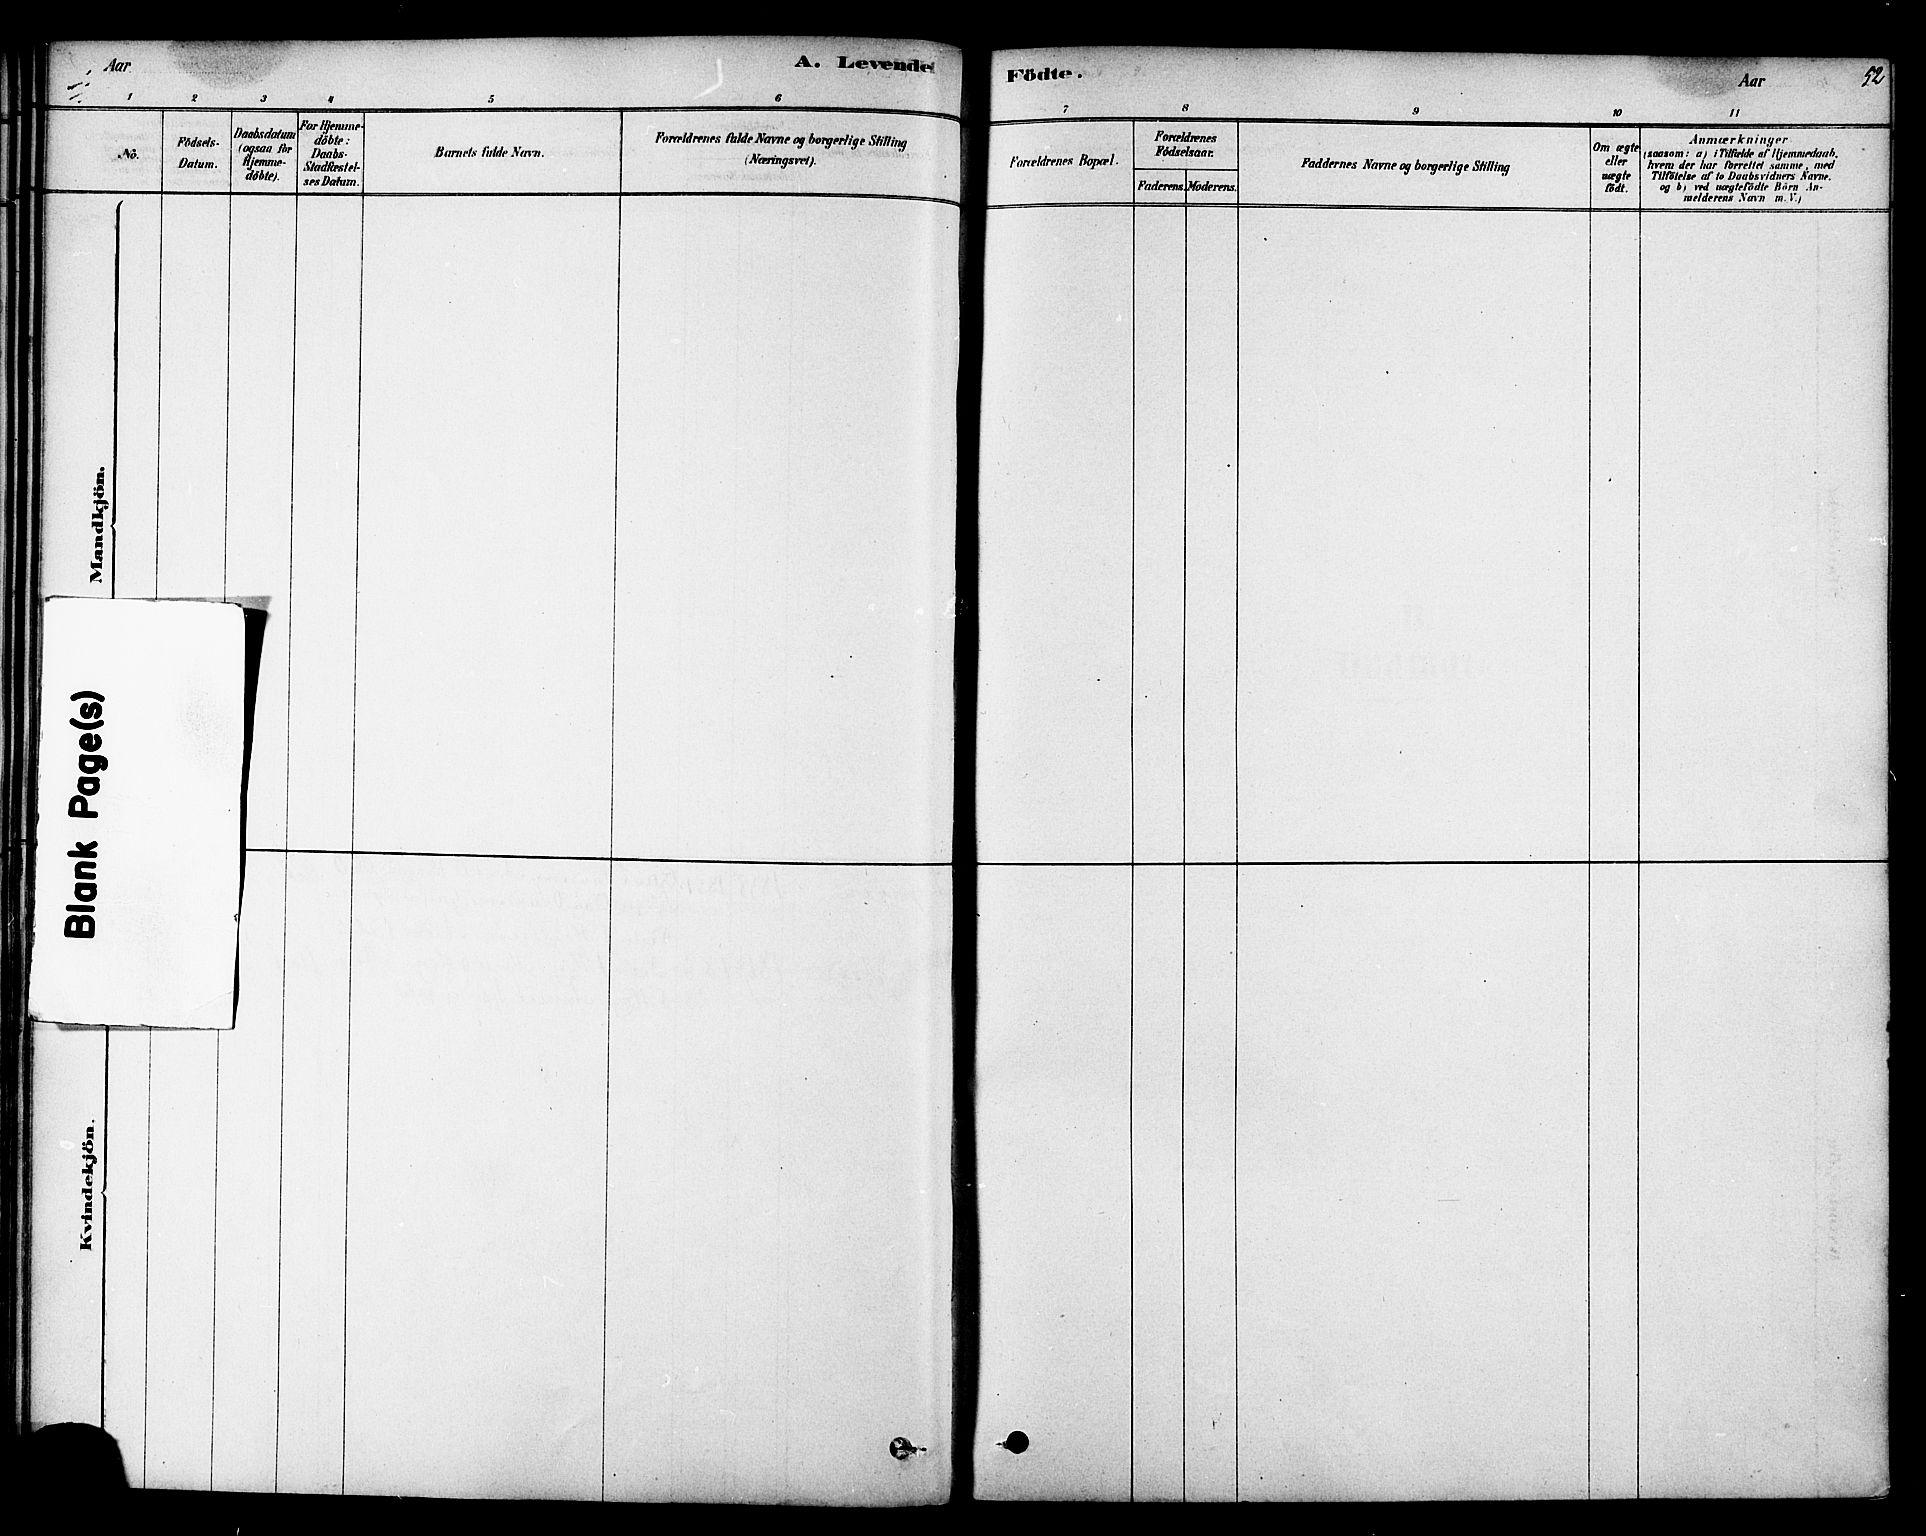 SAT, Ministerialprotokoller, klokkerbøker og fødselsregistre - Sør-Trøndelag, 692/L1105: Ministerialbok nr. 692A05, 1878-1890, s. 52